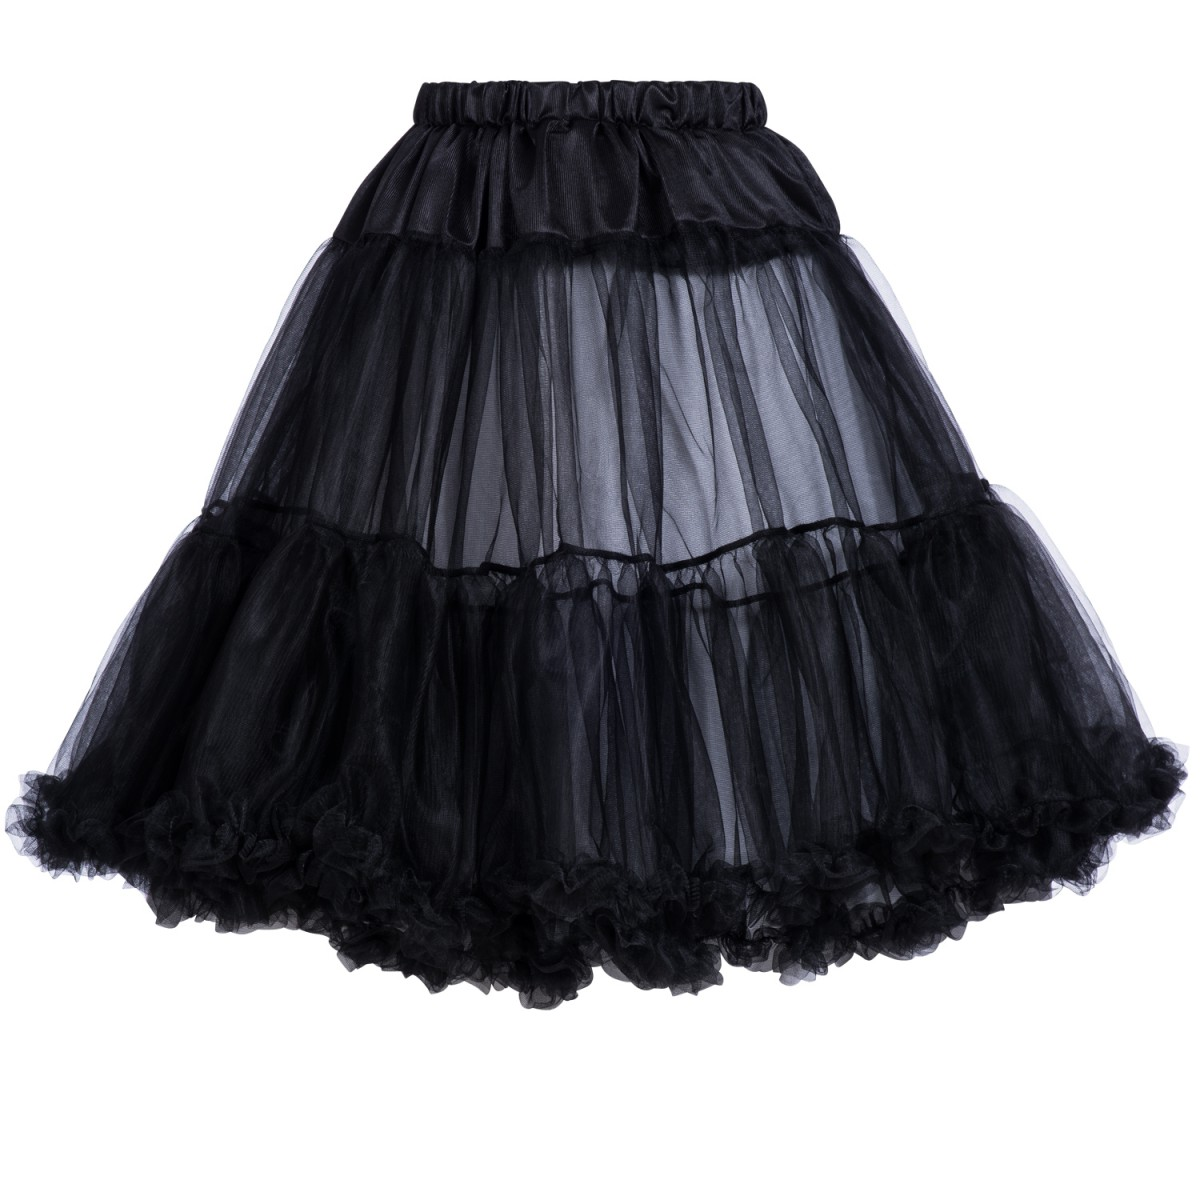 Petticoat in Schwarz von Marjo Trachten 65cm günstig online kaufen